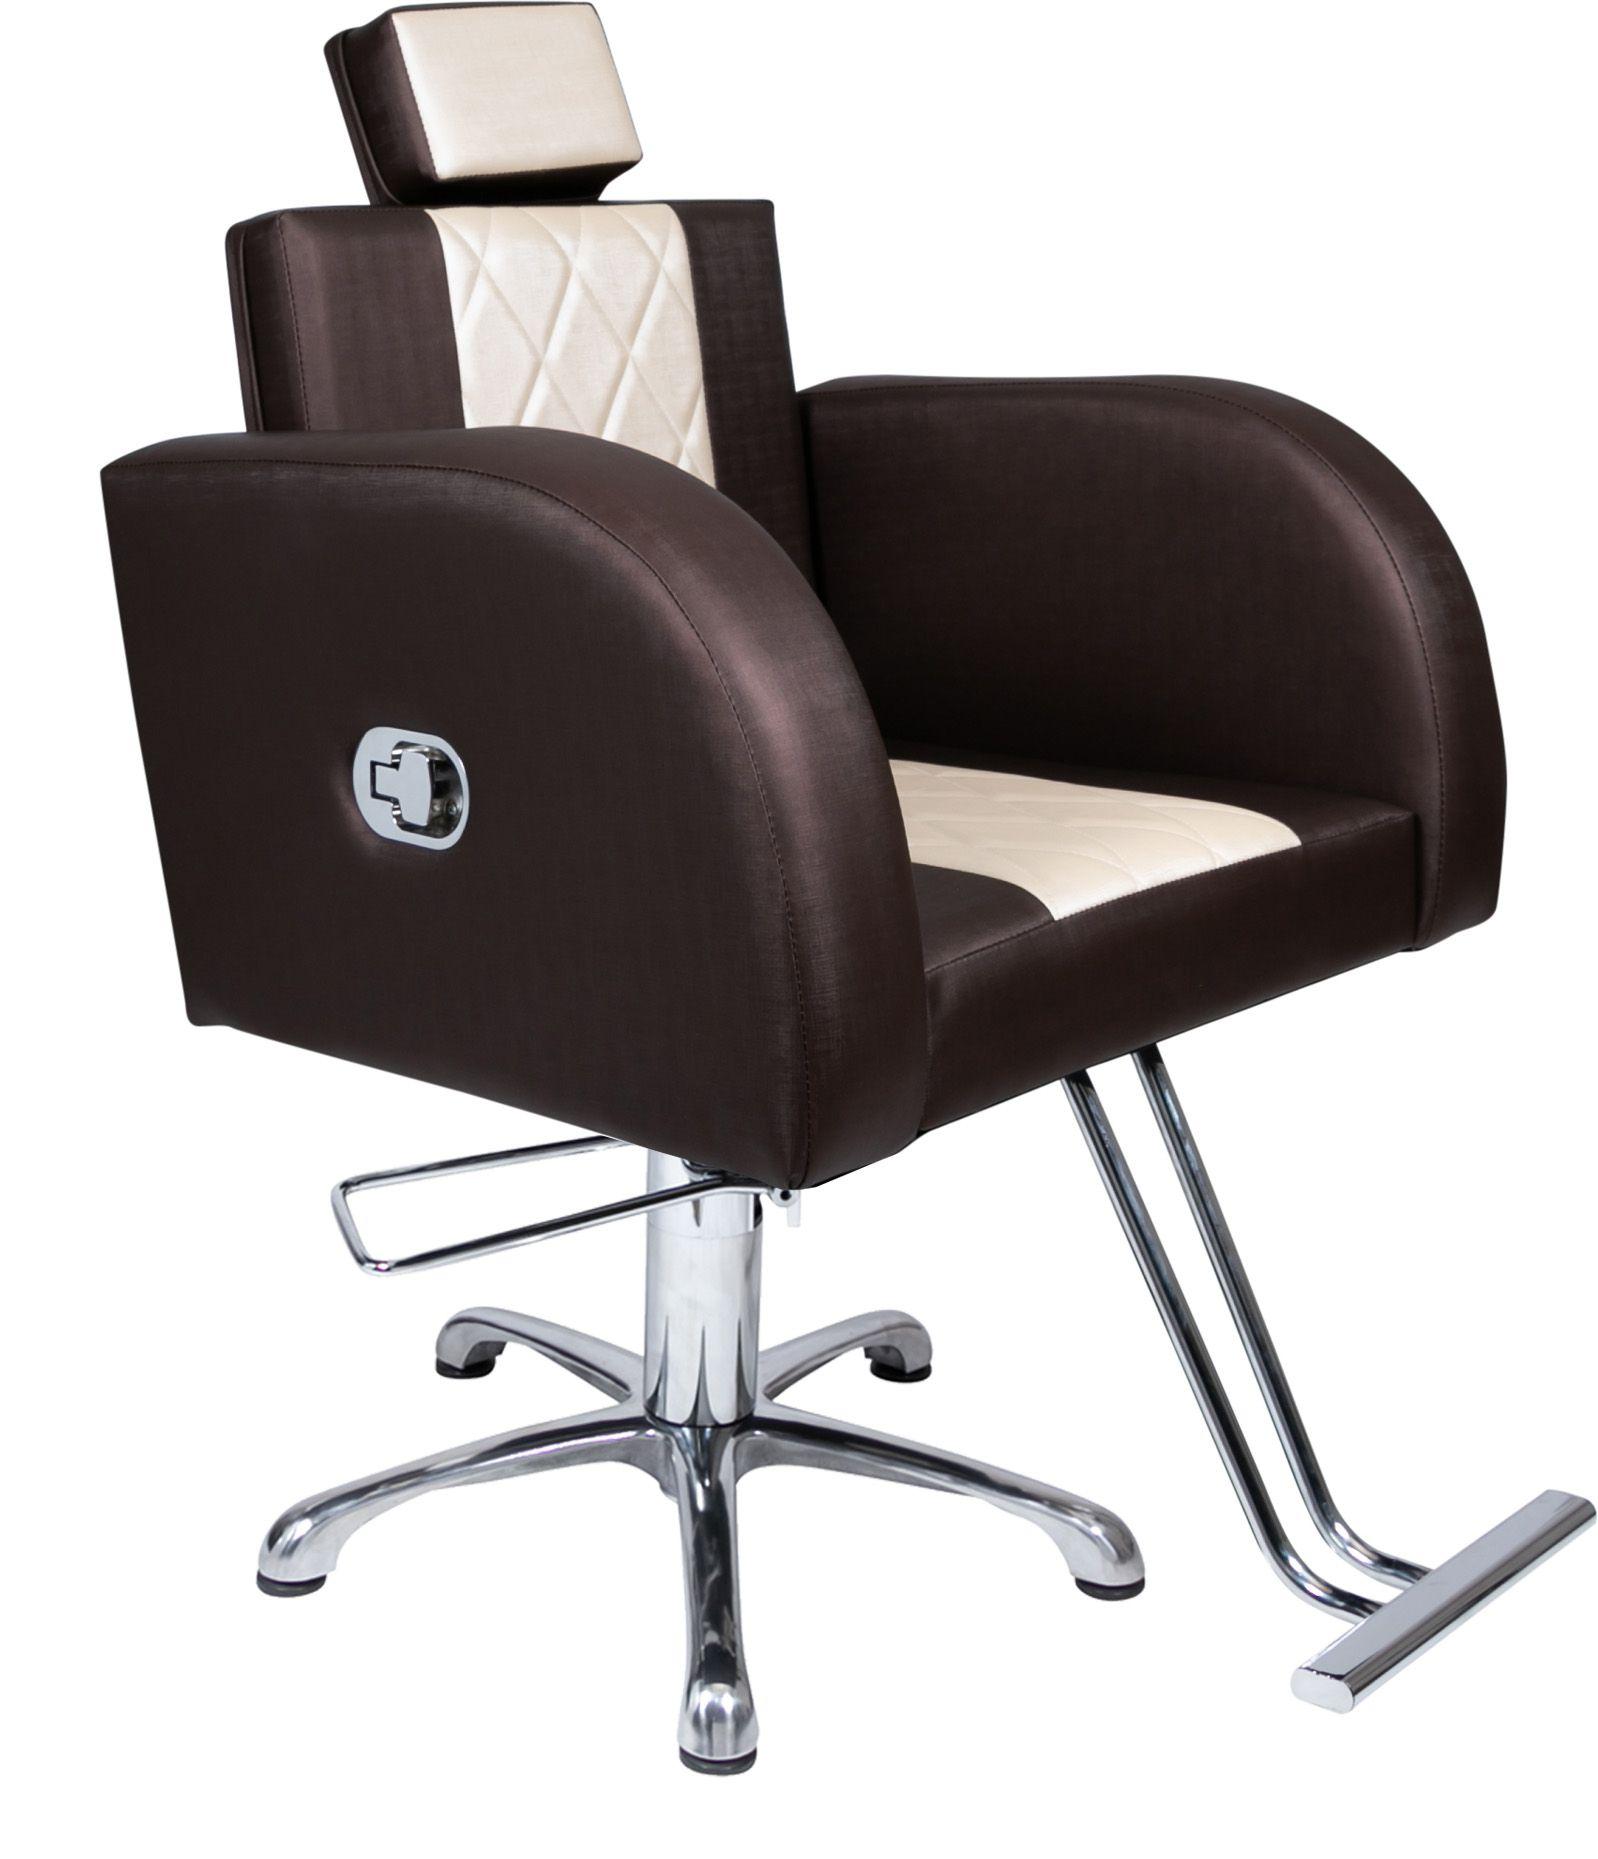 Lavatório Stilo Louça Bege/Marrom + 2 Cadeiras Stilo Recl